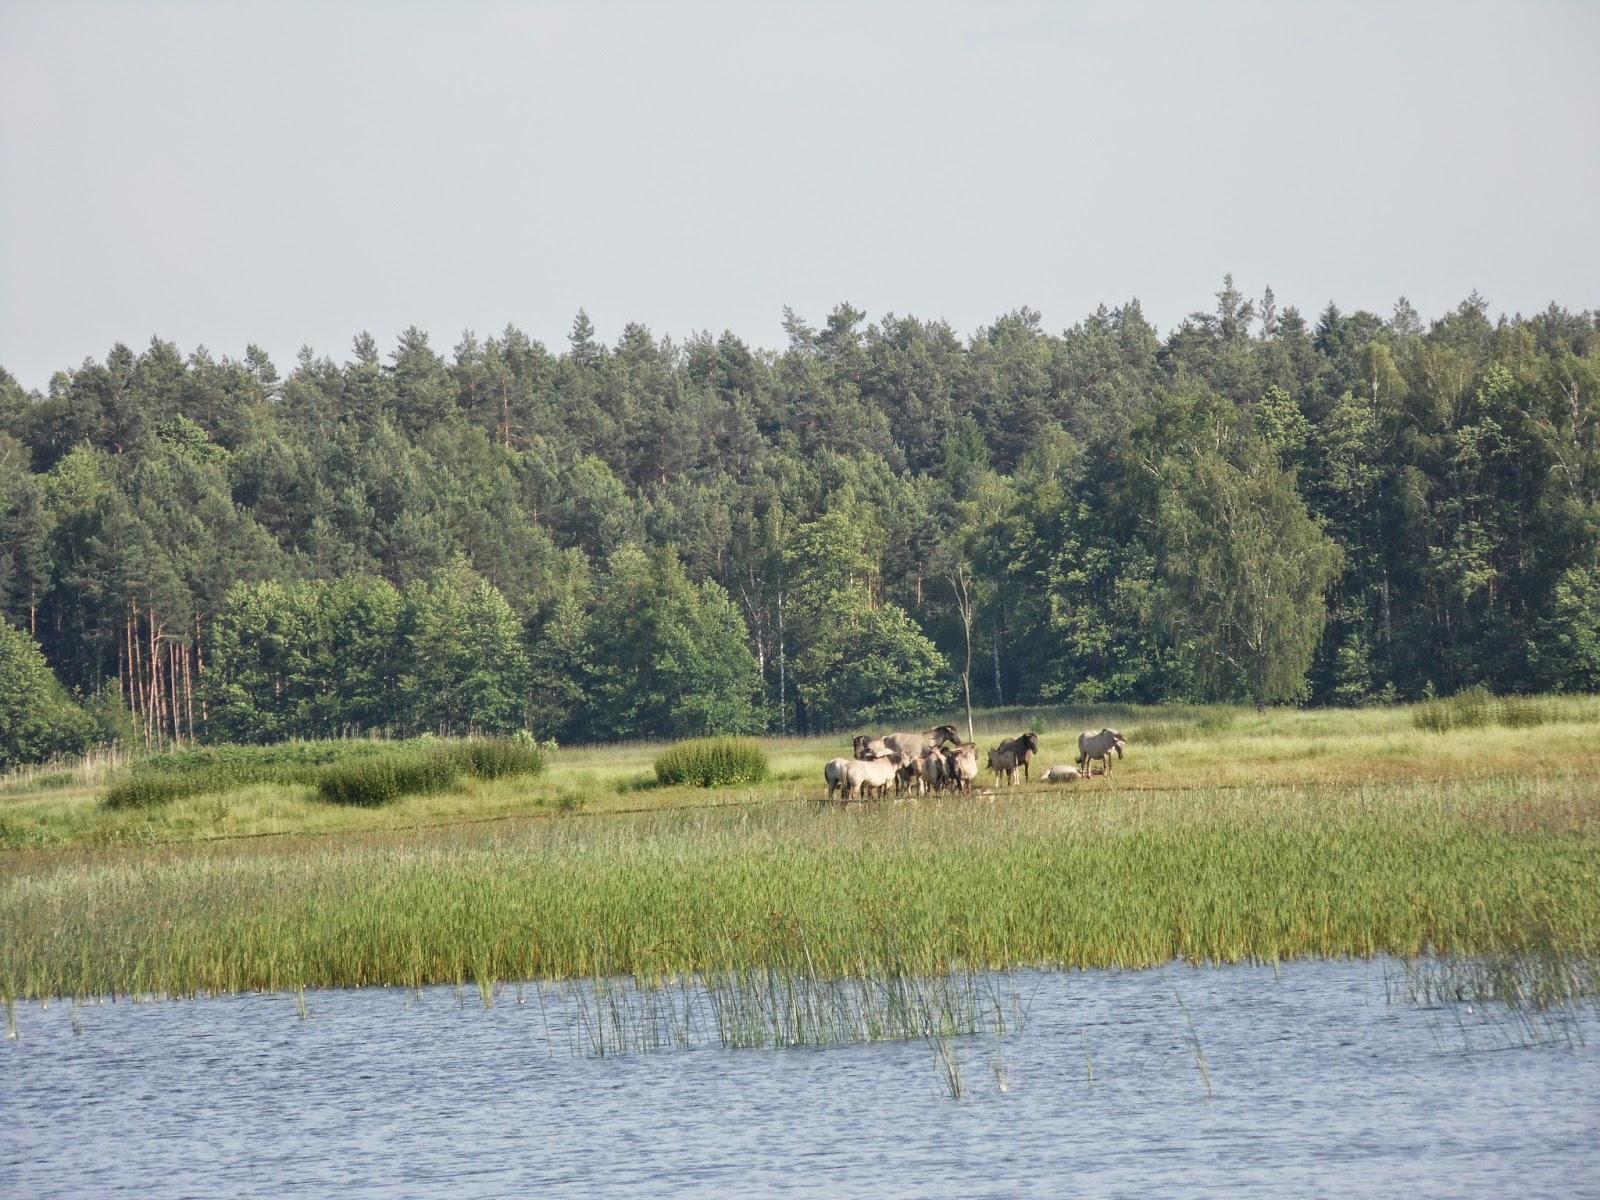 Koniki Polskie przy Stawach Echo leżących w Zwierzyńcu na Roztoczu, w obrębie Roztoczańskiego Parku Narodowego